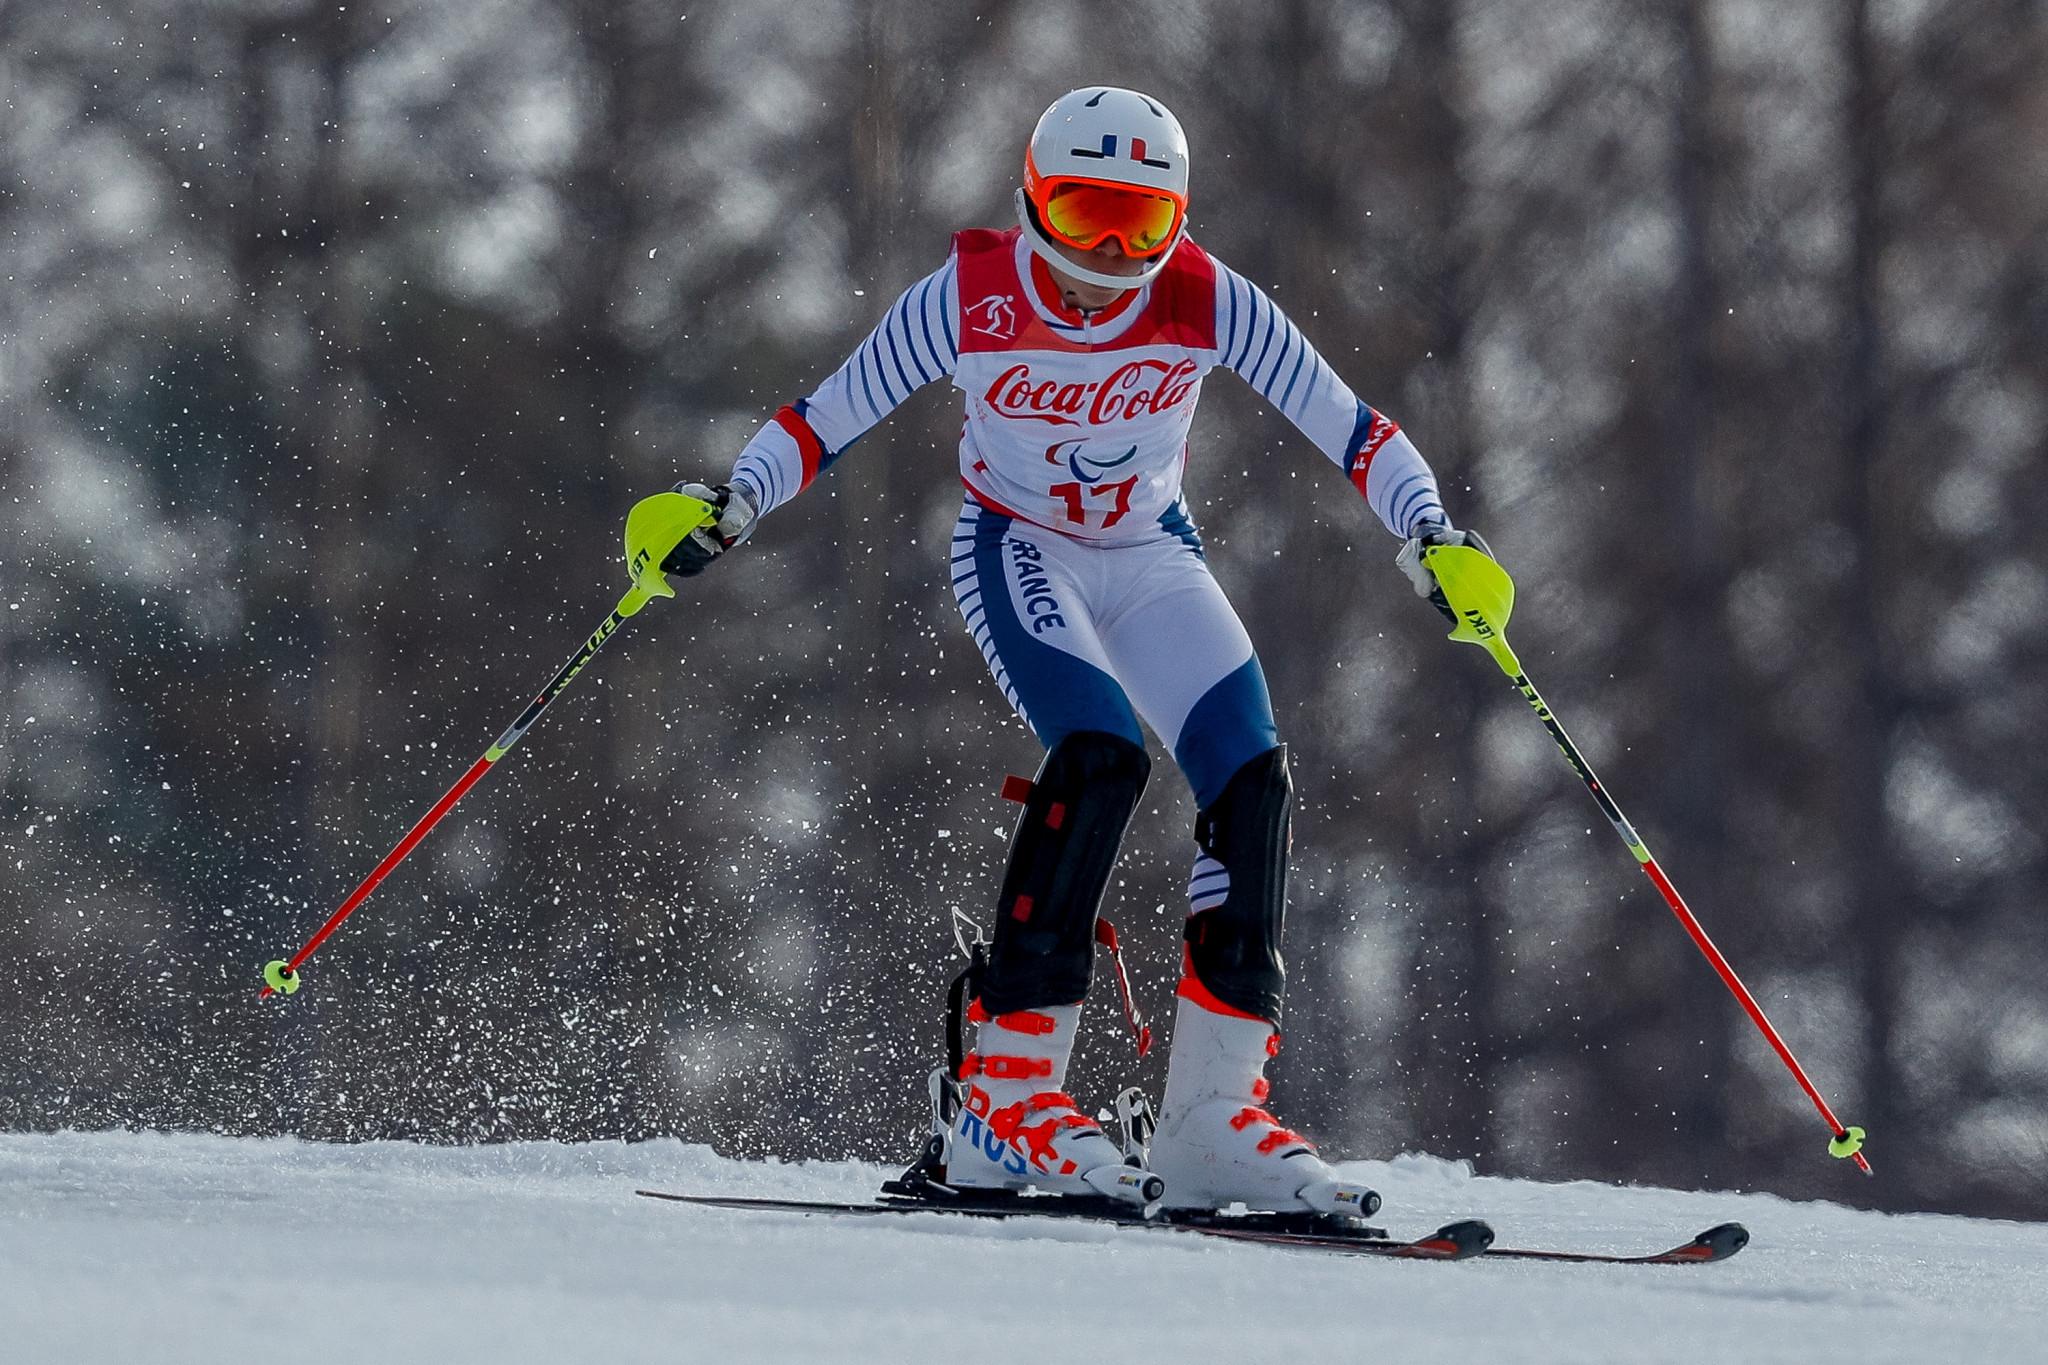 World Para Alpine Skiing World Cup season set to begin in Veysonnaz